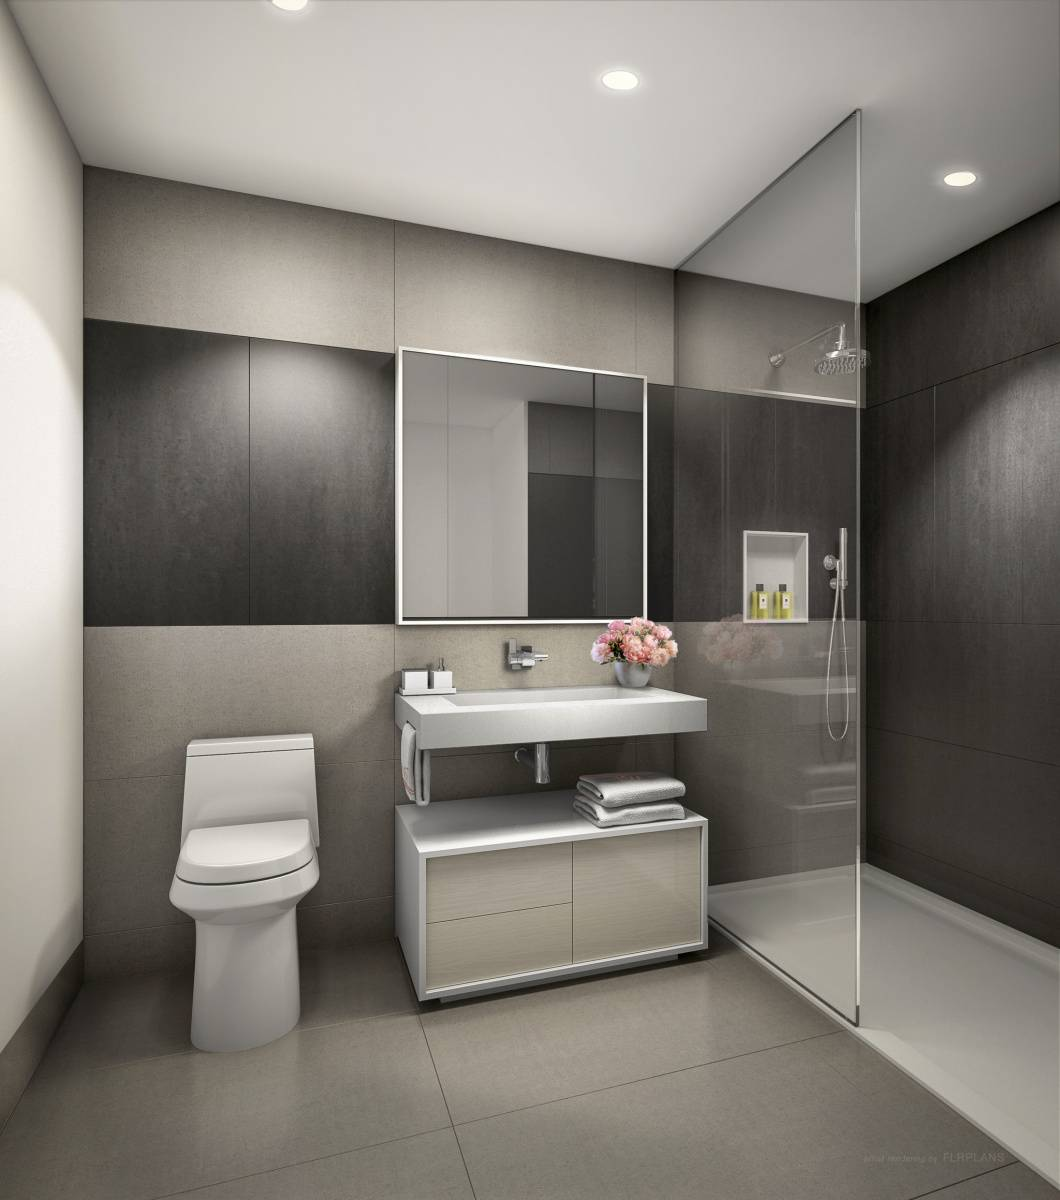 540West Bath